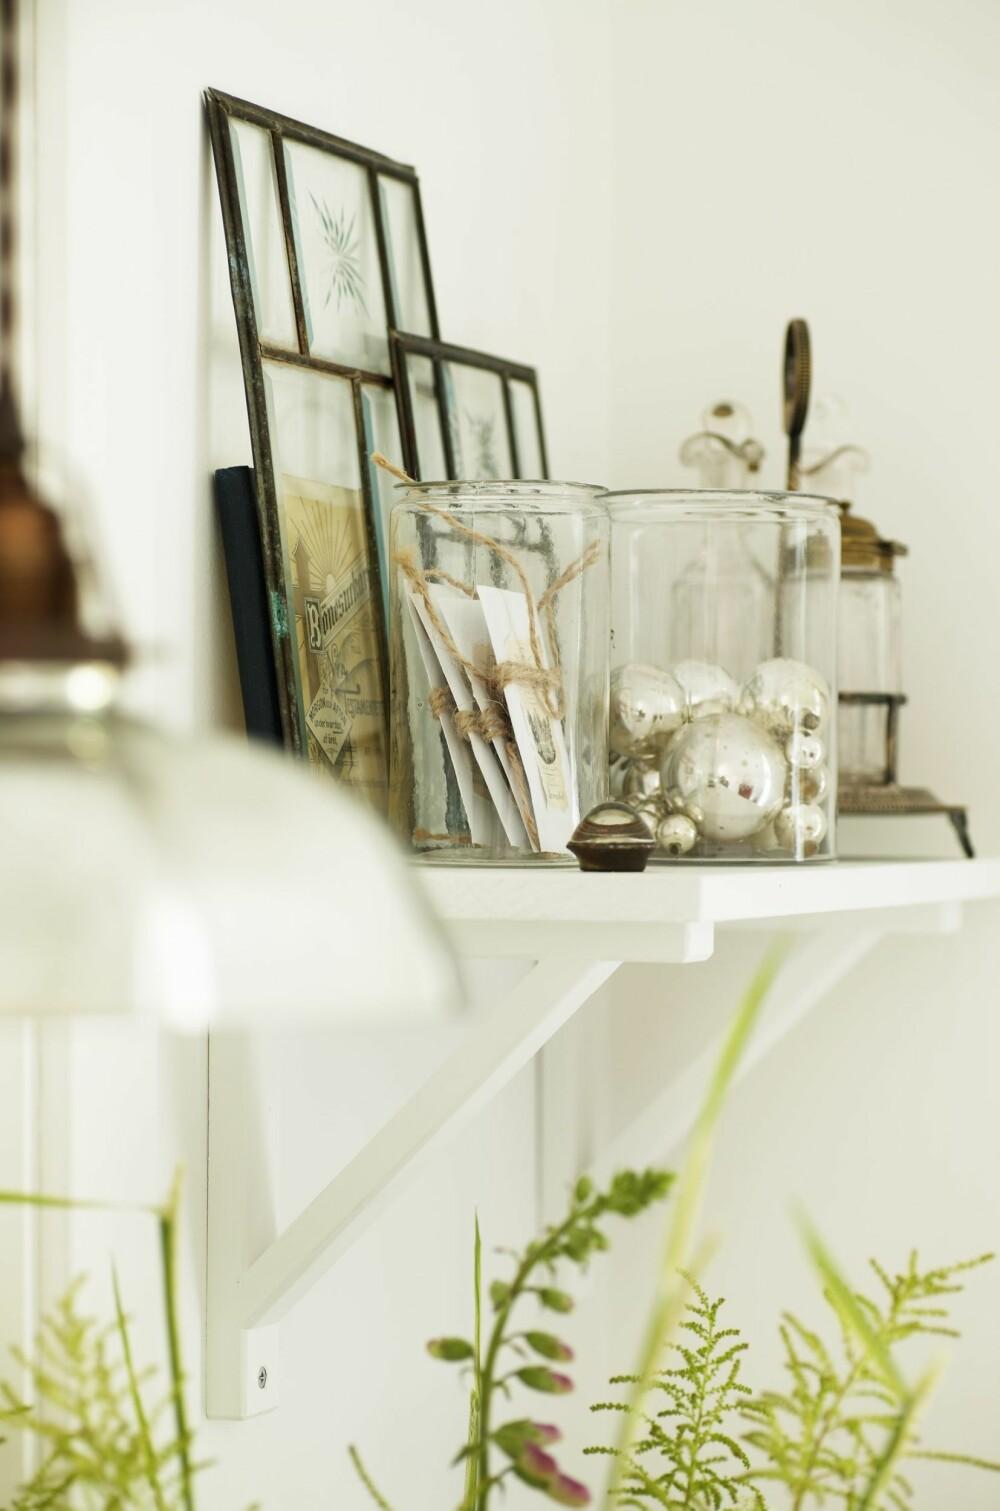 TIL PYNT: Ting som er fine å se på blir oppbevart i glasskrukker.